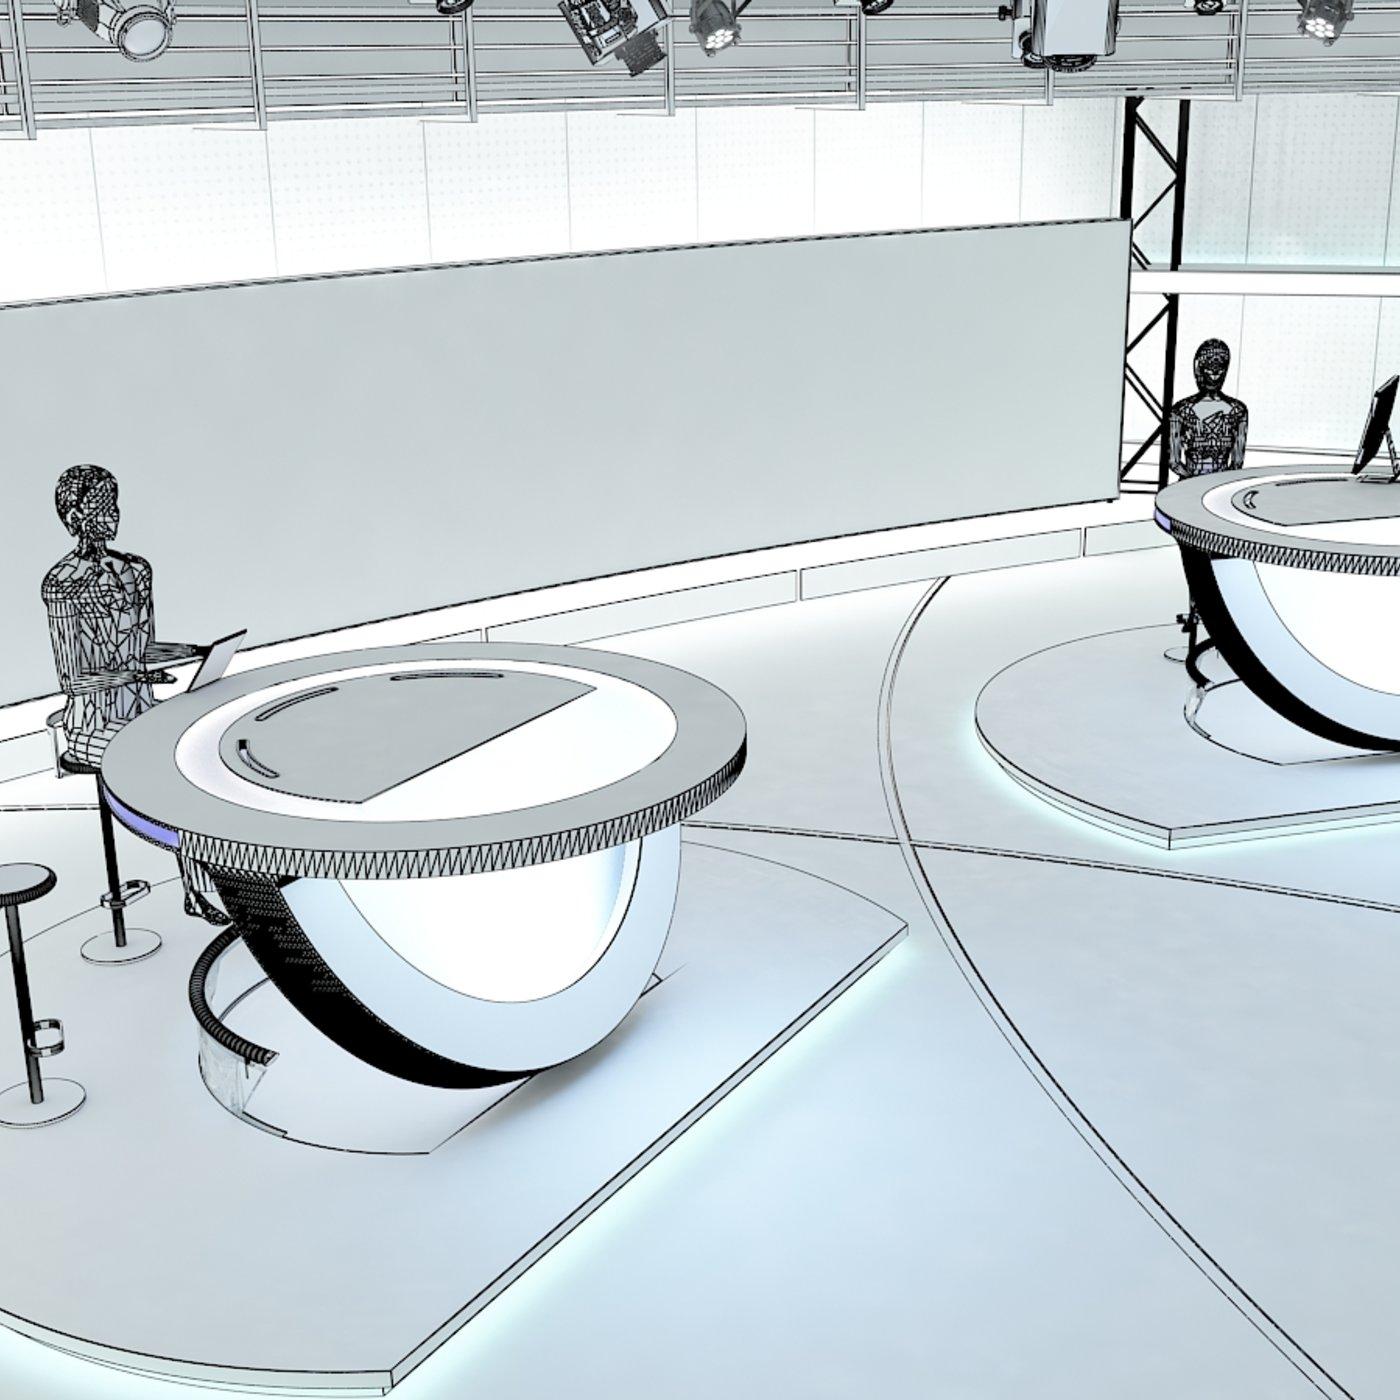 TV Studio News Set 3